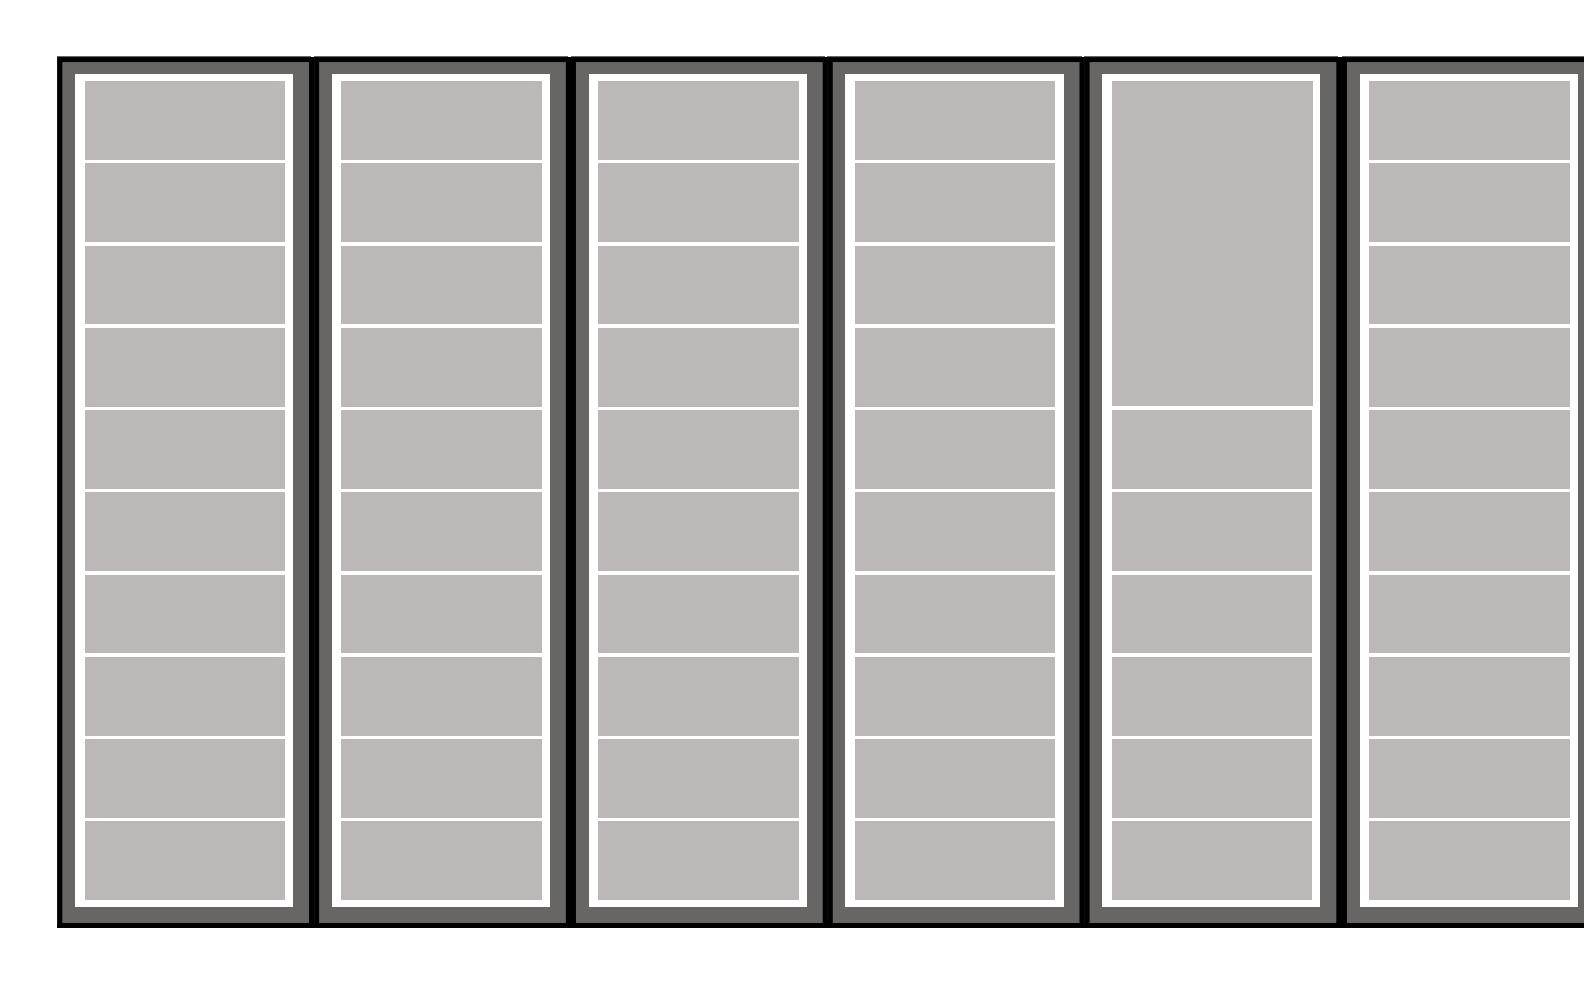 www/floormap/mrc3fl-3.jpg